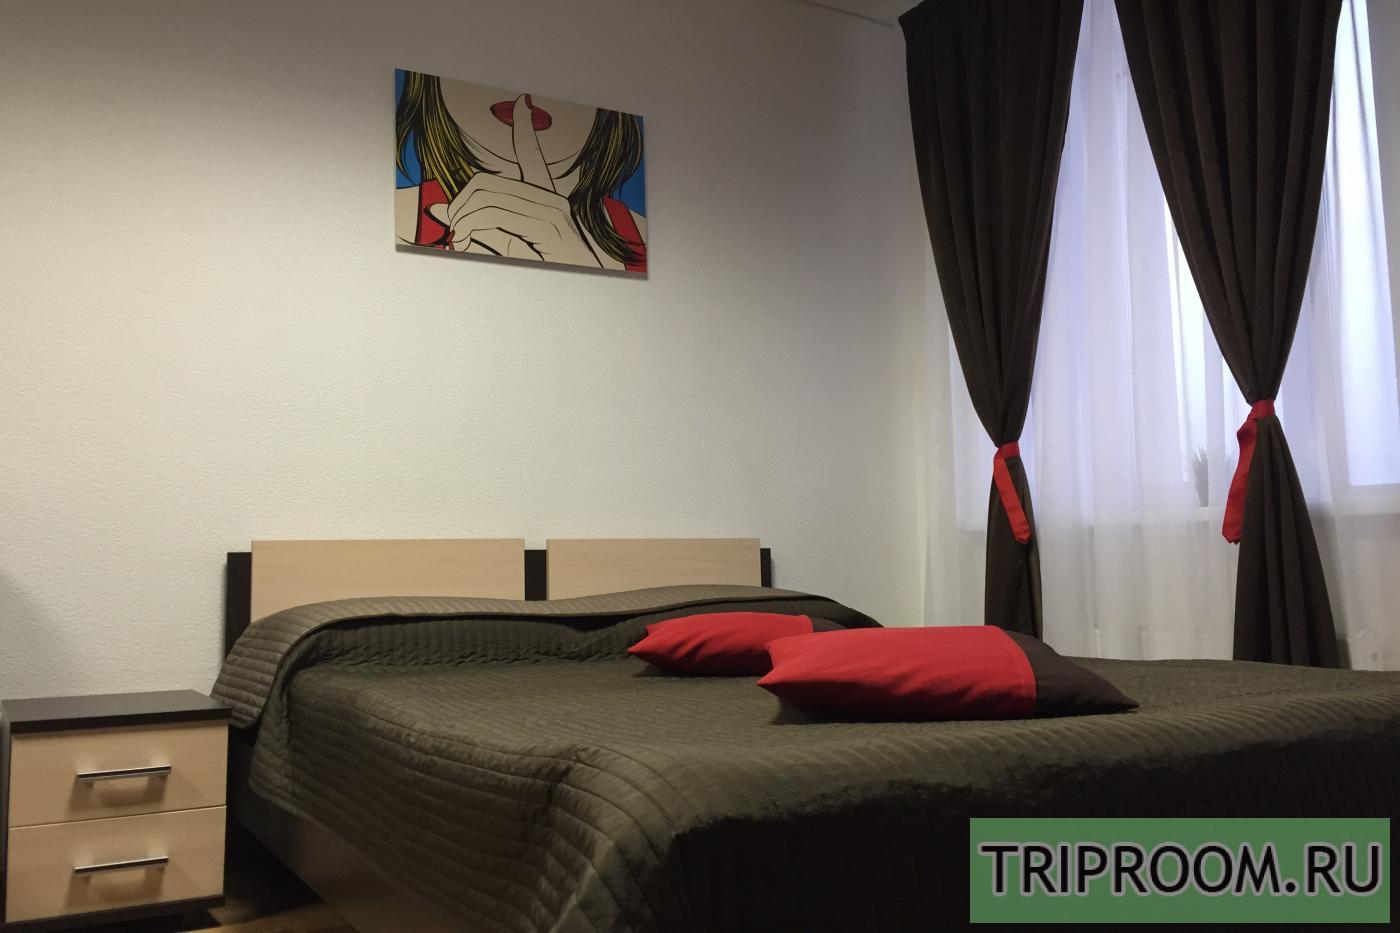 1-комнатная квартира посуточно (вариант № 13426), ул. Екатерининская улица, фото № 3